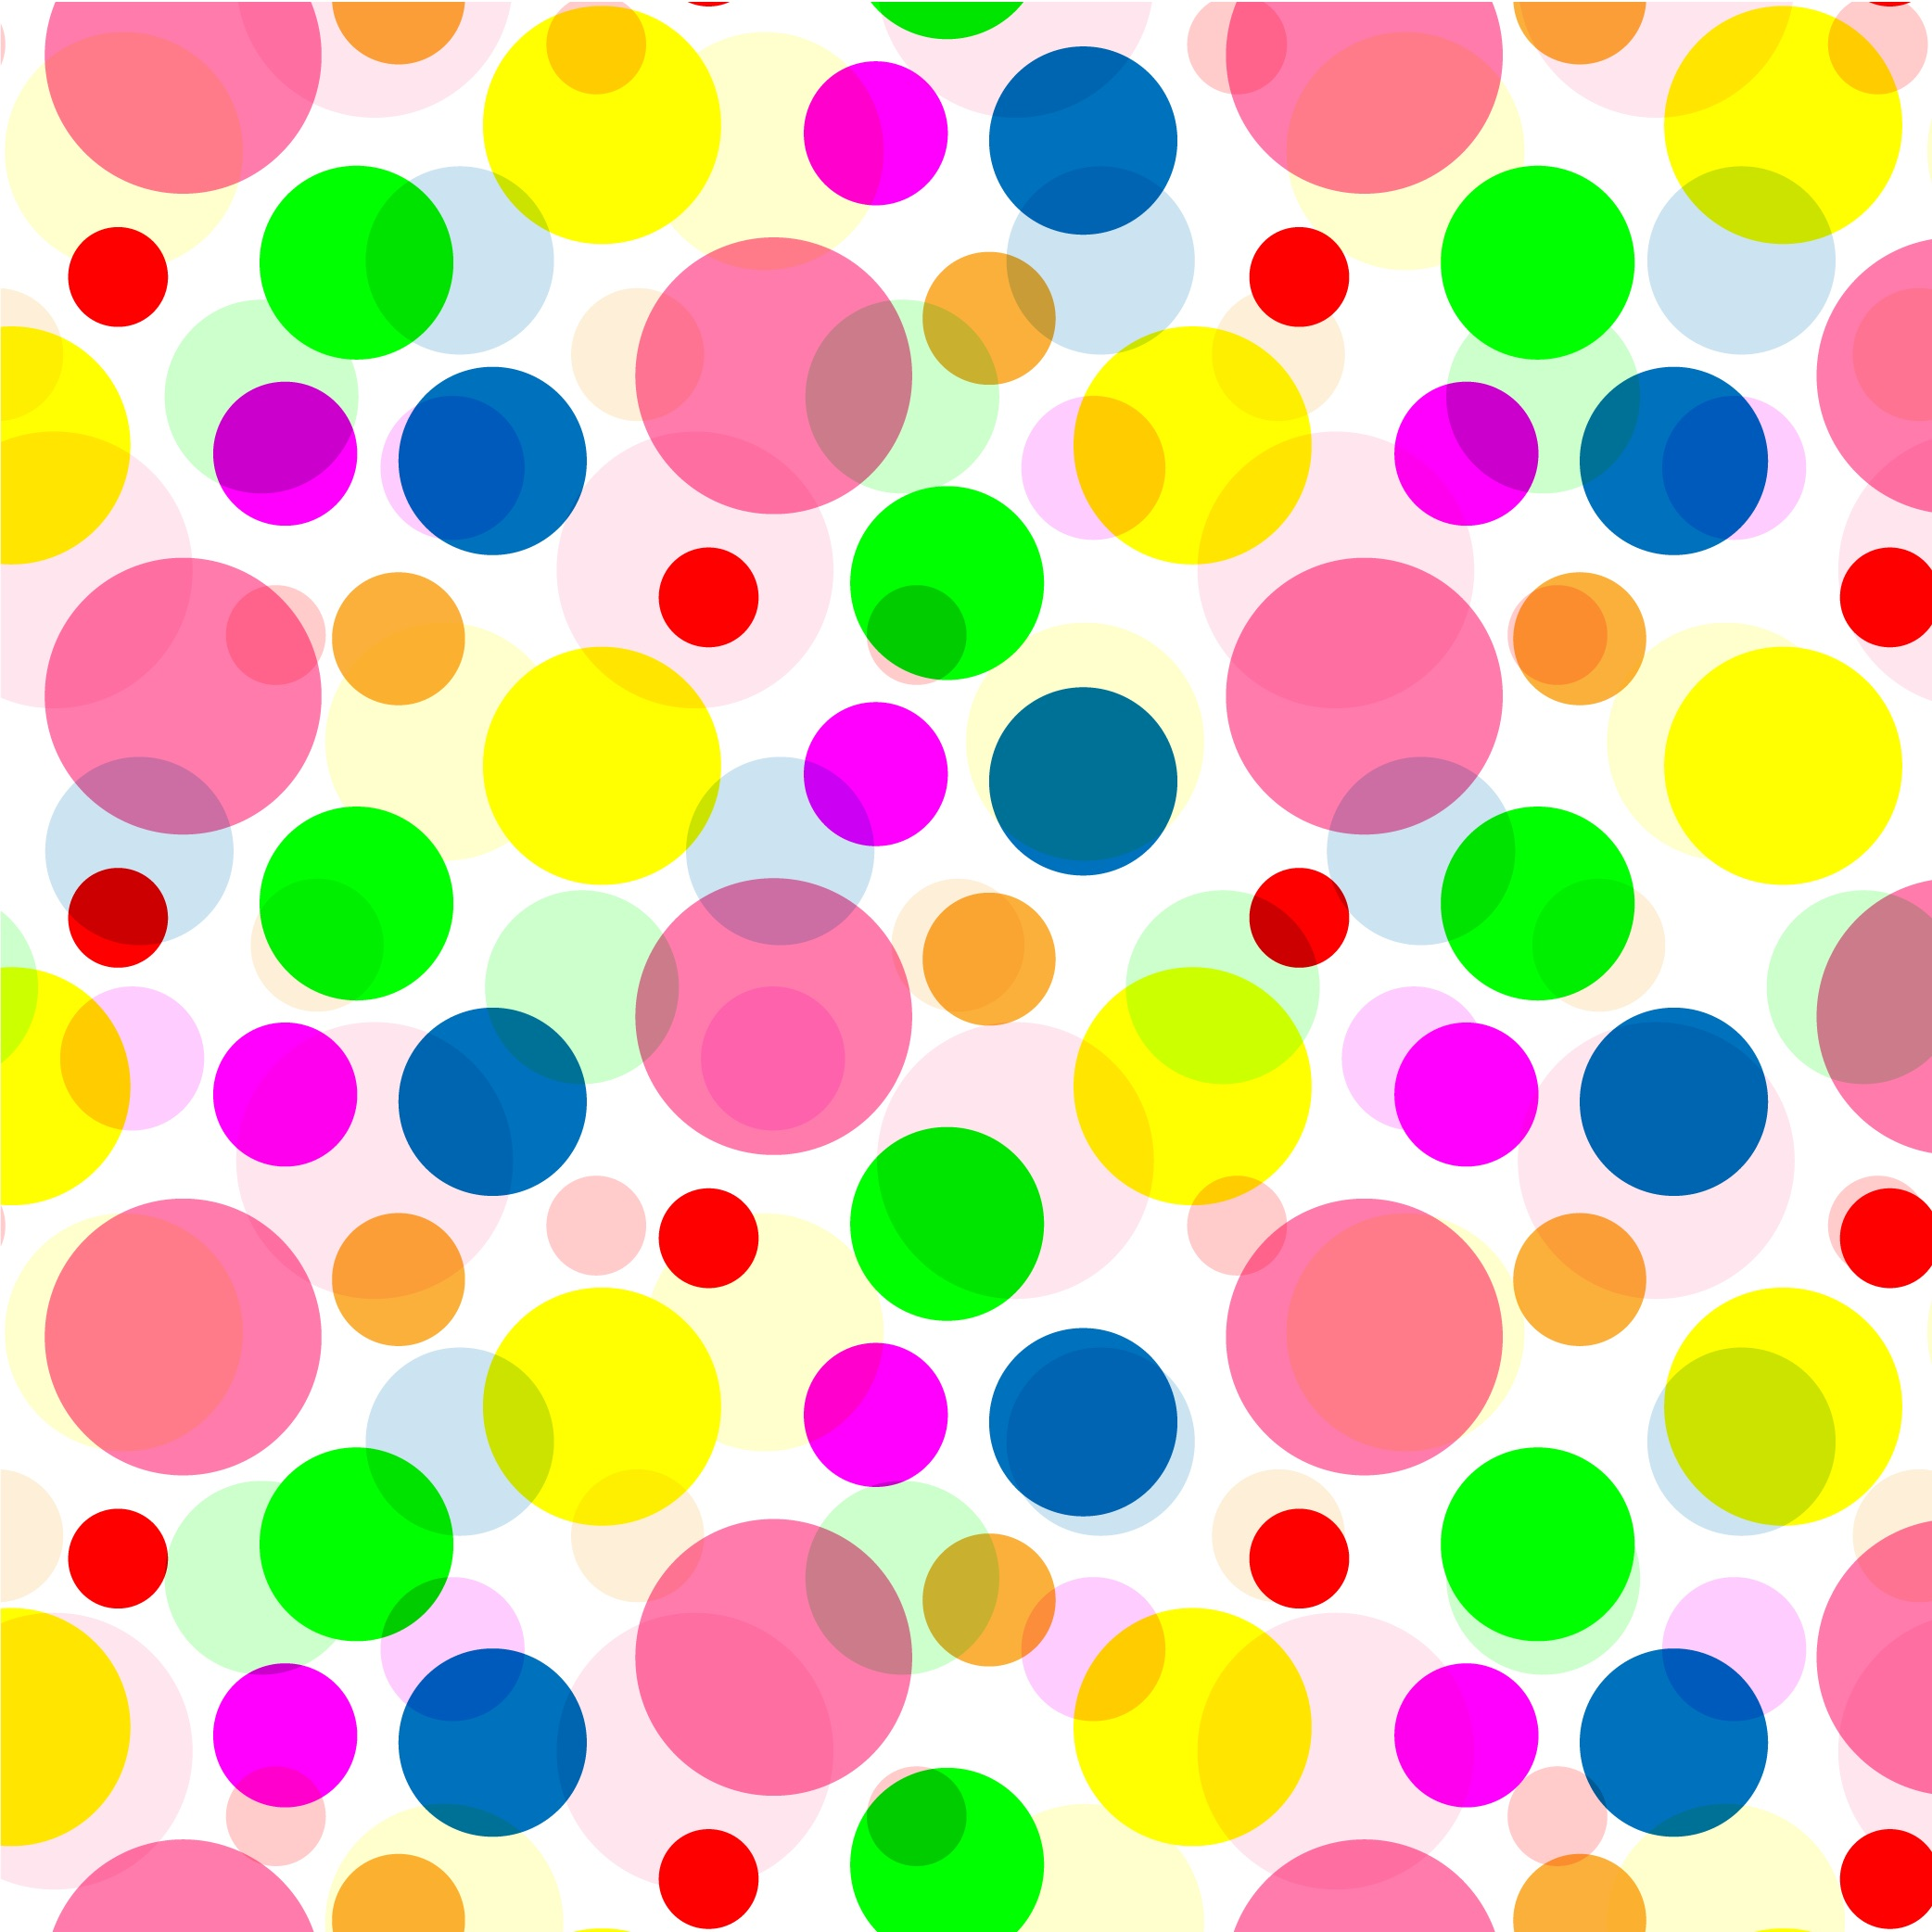 circles-01-smaller